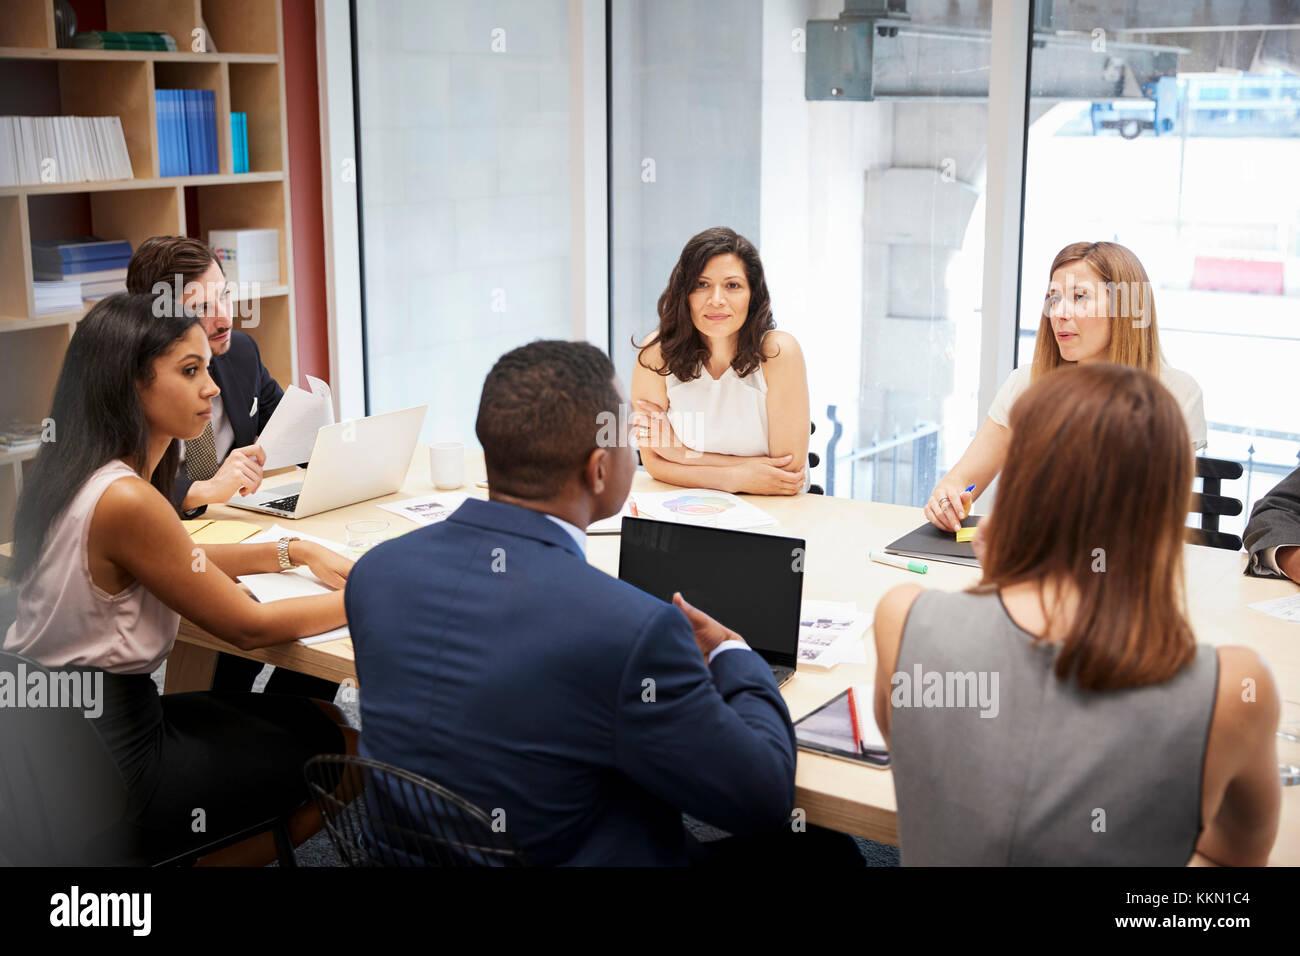 Grupo de personas en medio de una reunión en una sala de juntas Imagen De Stock